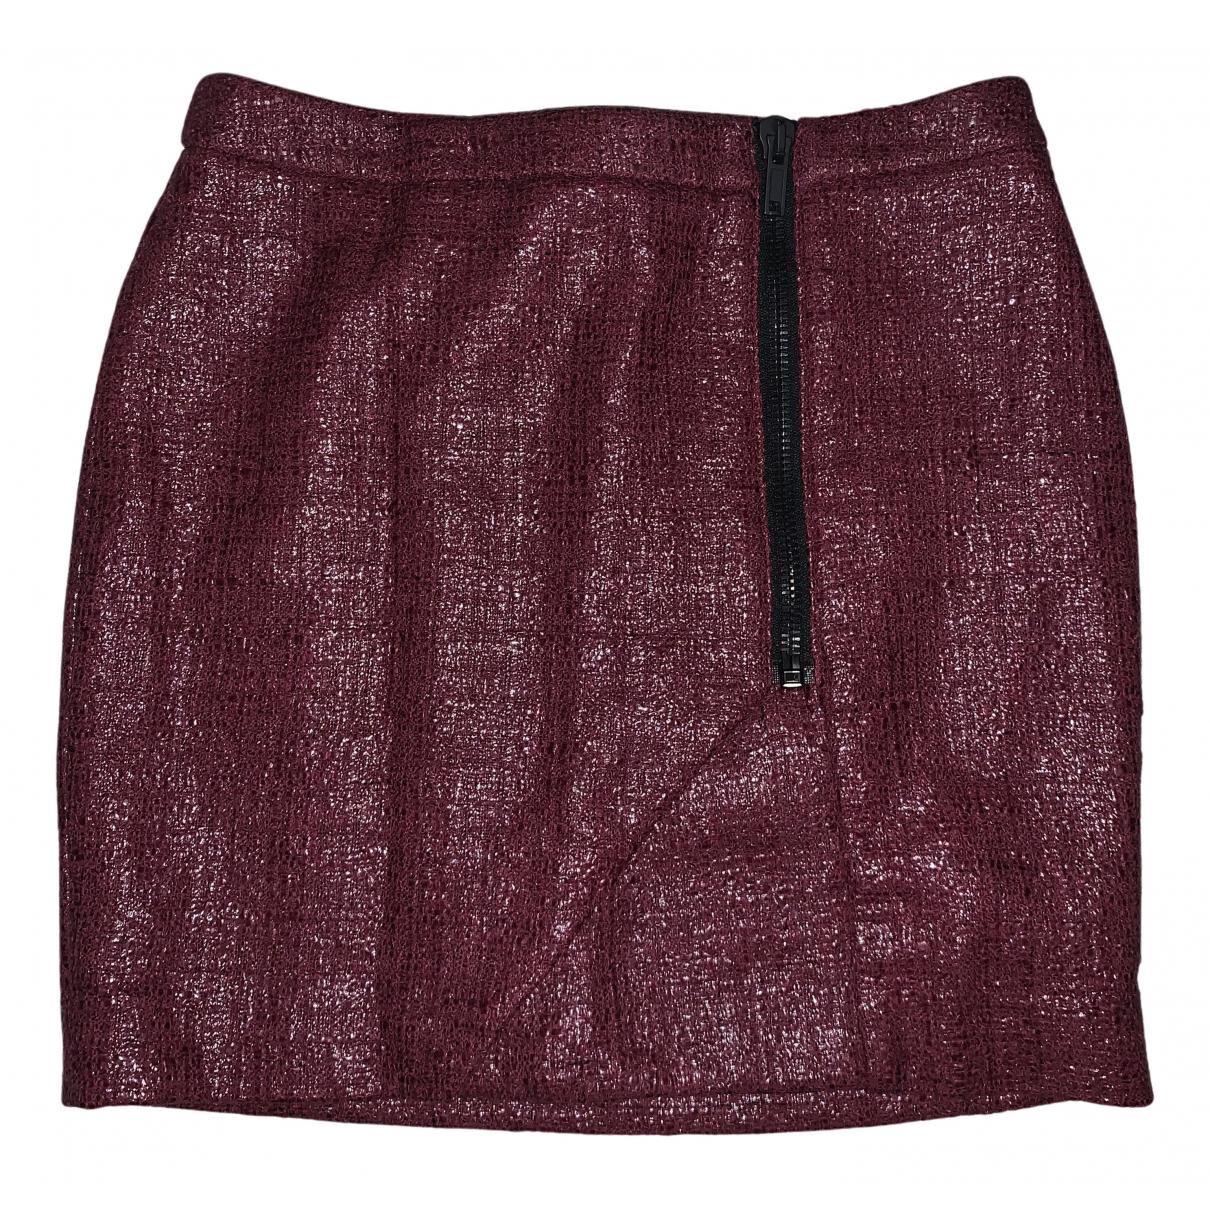 Msgm N Burgundy skirt for Women 38 IT